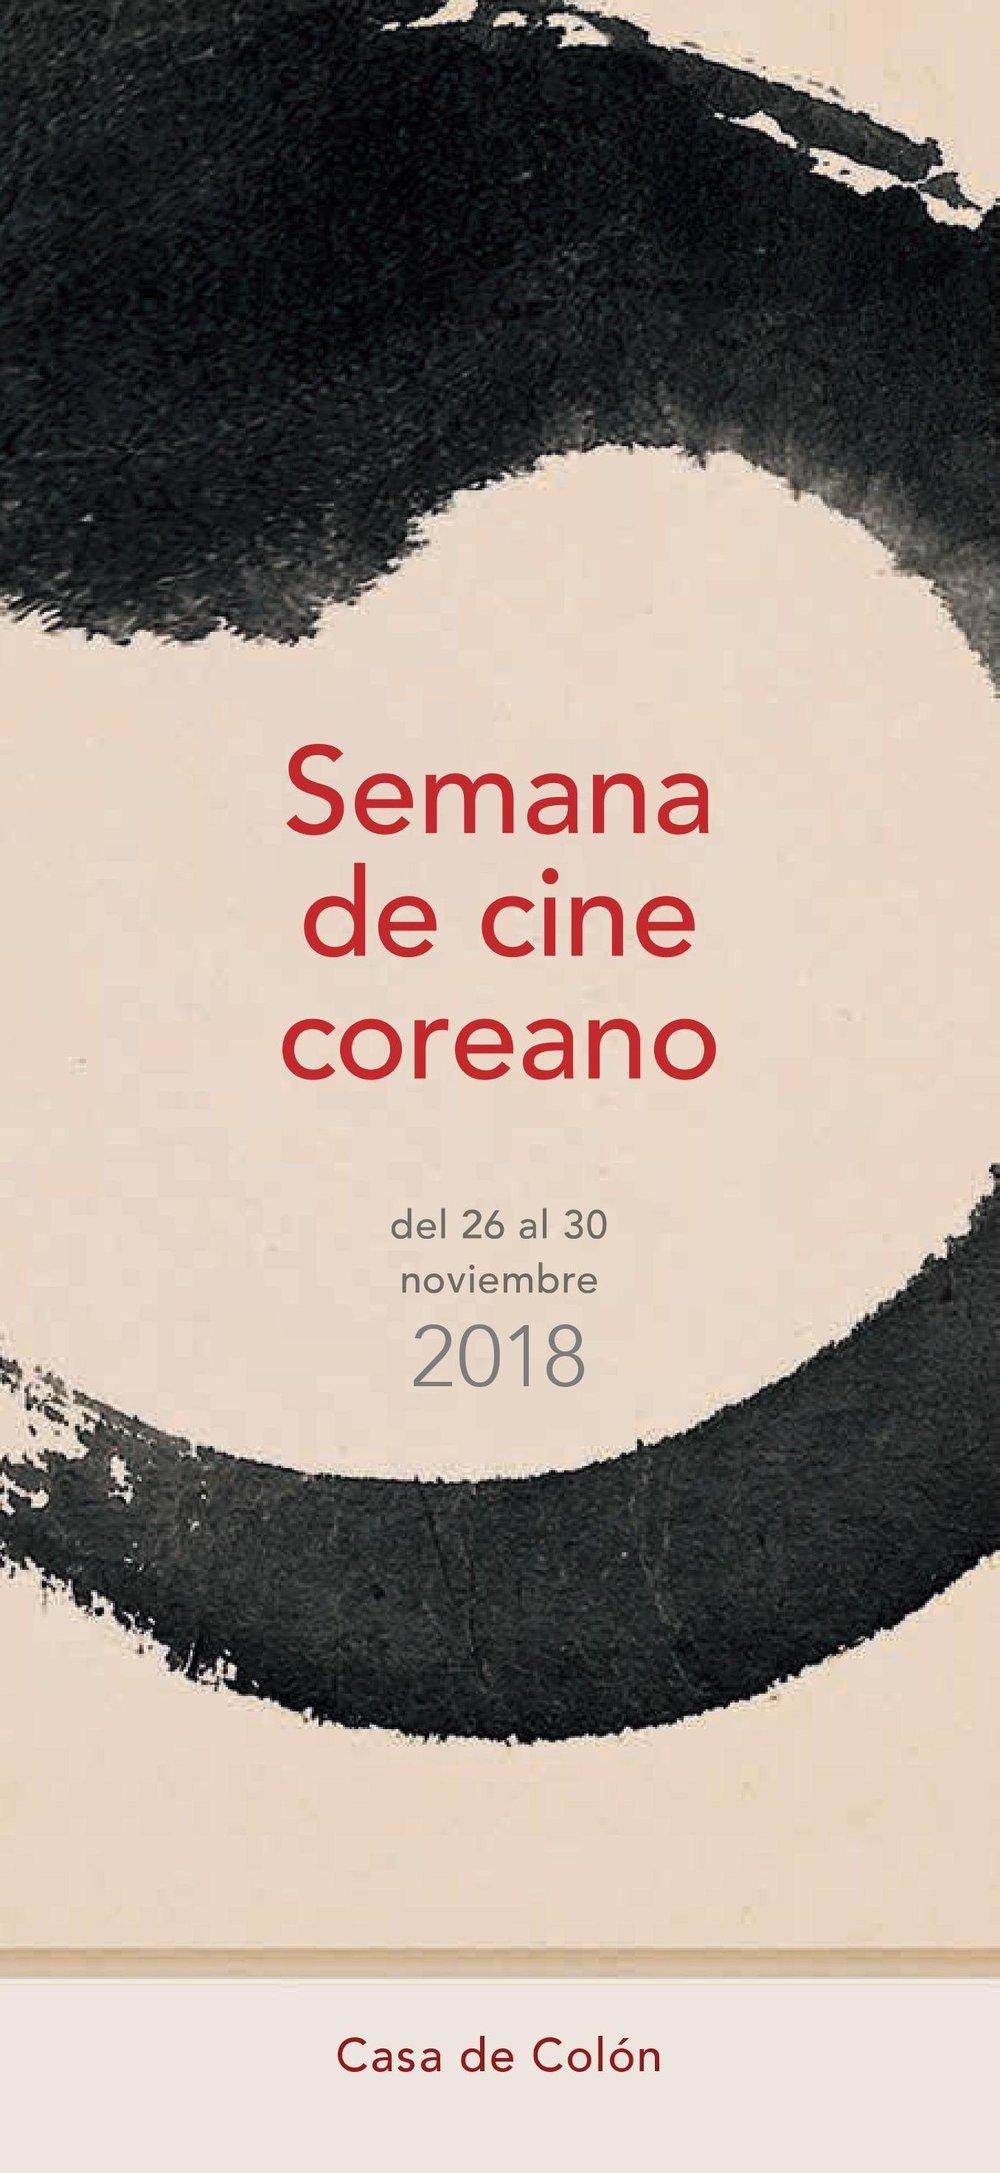 Programa (folleto) en PDF